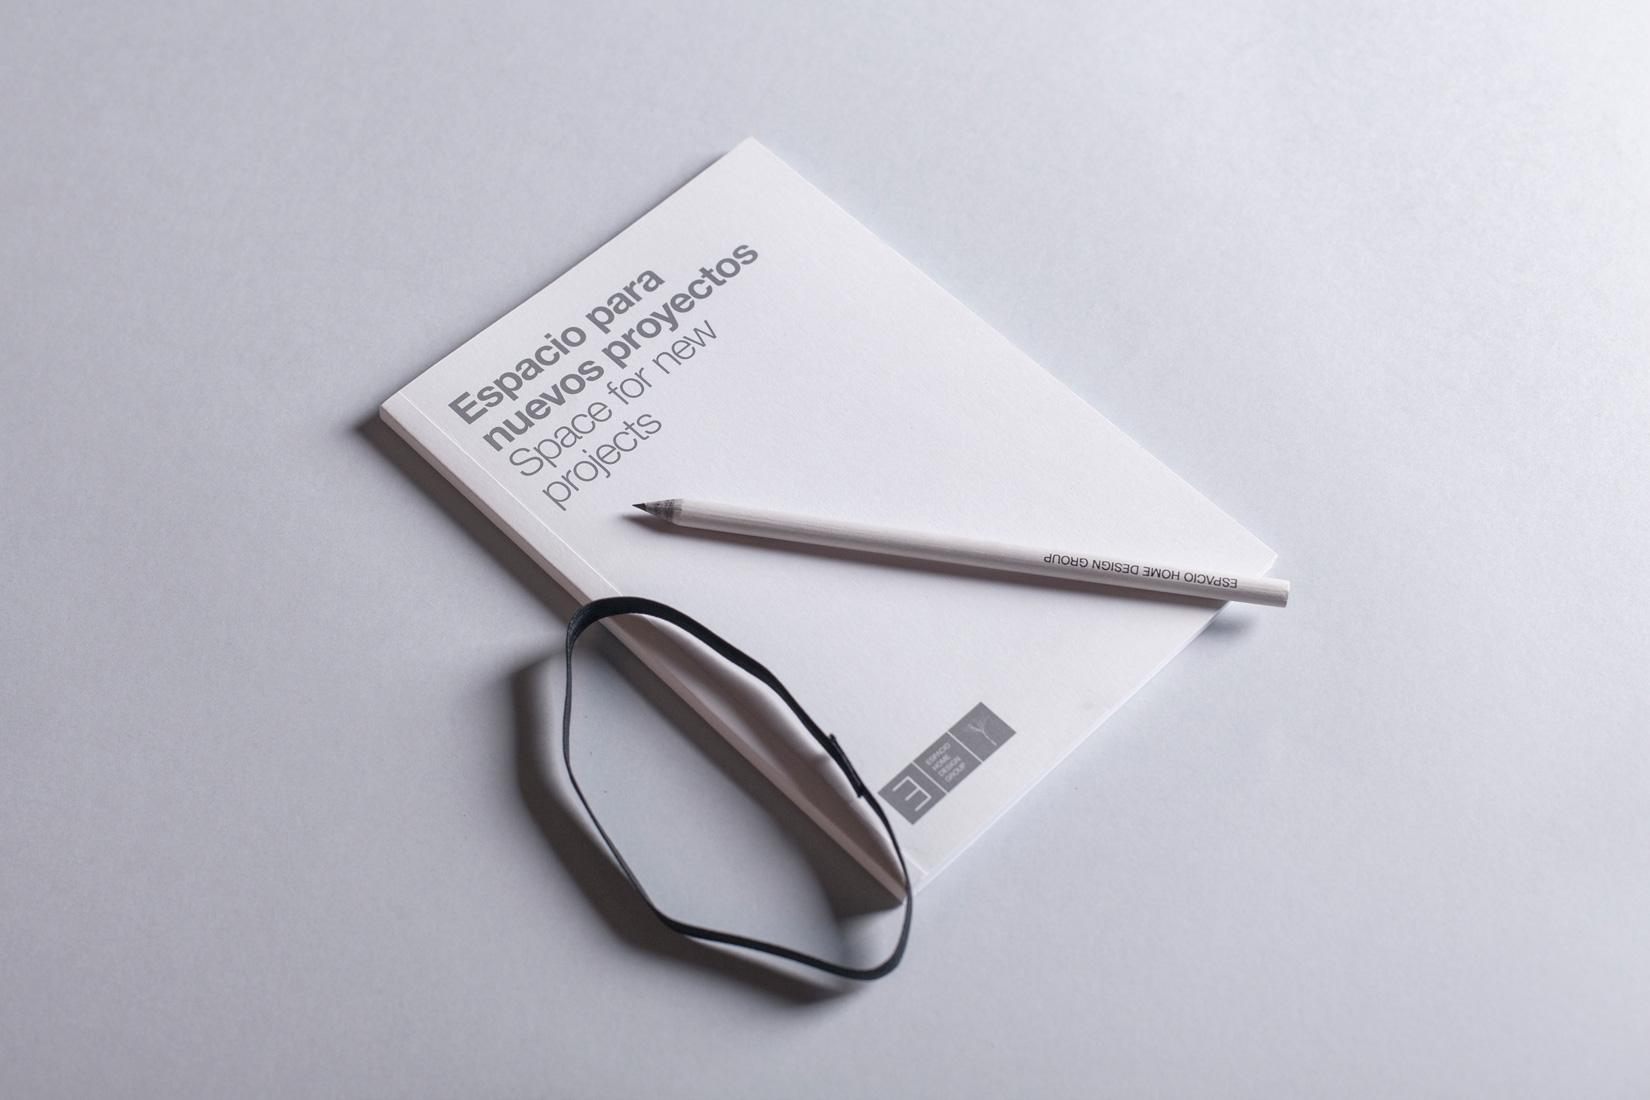 Libreta Espacio Home Design Group